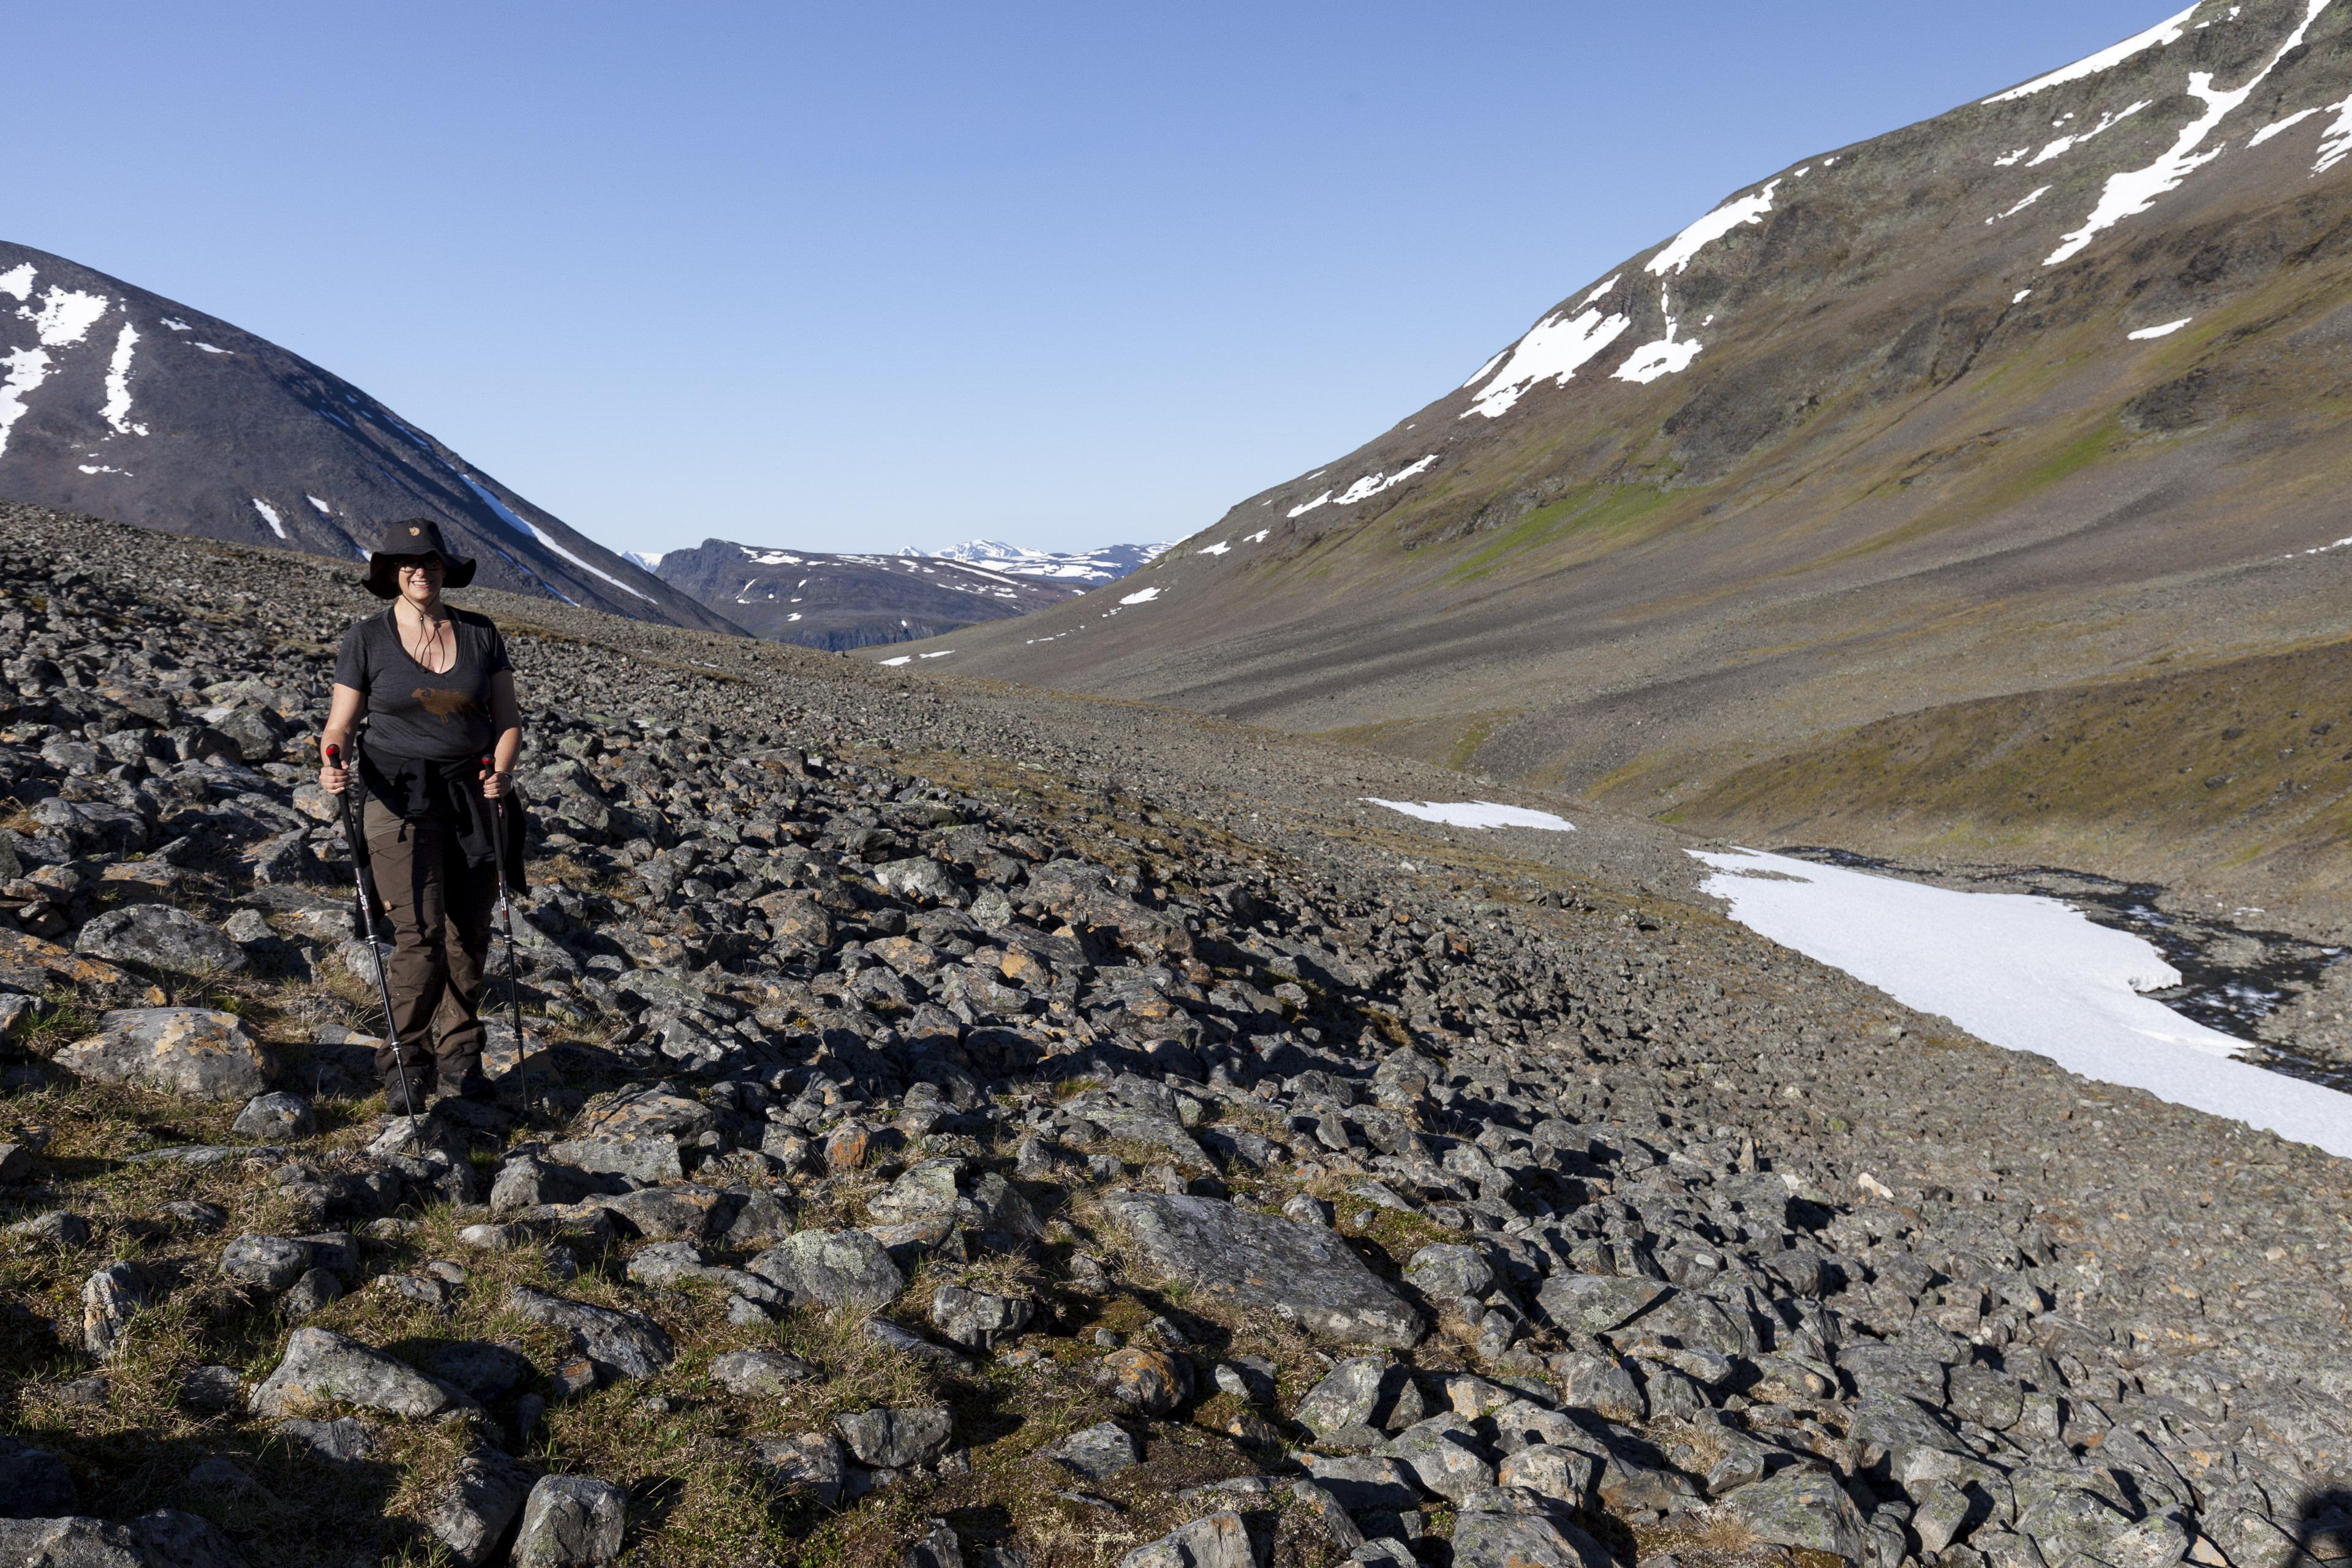 Elisbeth beim Zustieg durch das Tal,©Markus Proske—Canon EOS 5D Mark II, EF16-35mm f/4L IS USM, 30mm, 1/320s, Blende 8, ISO 200